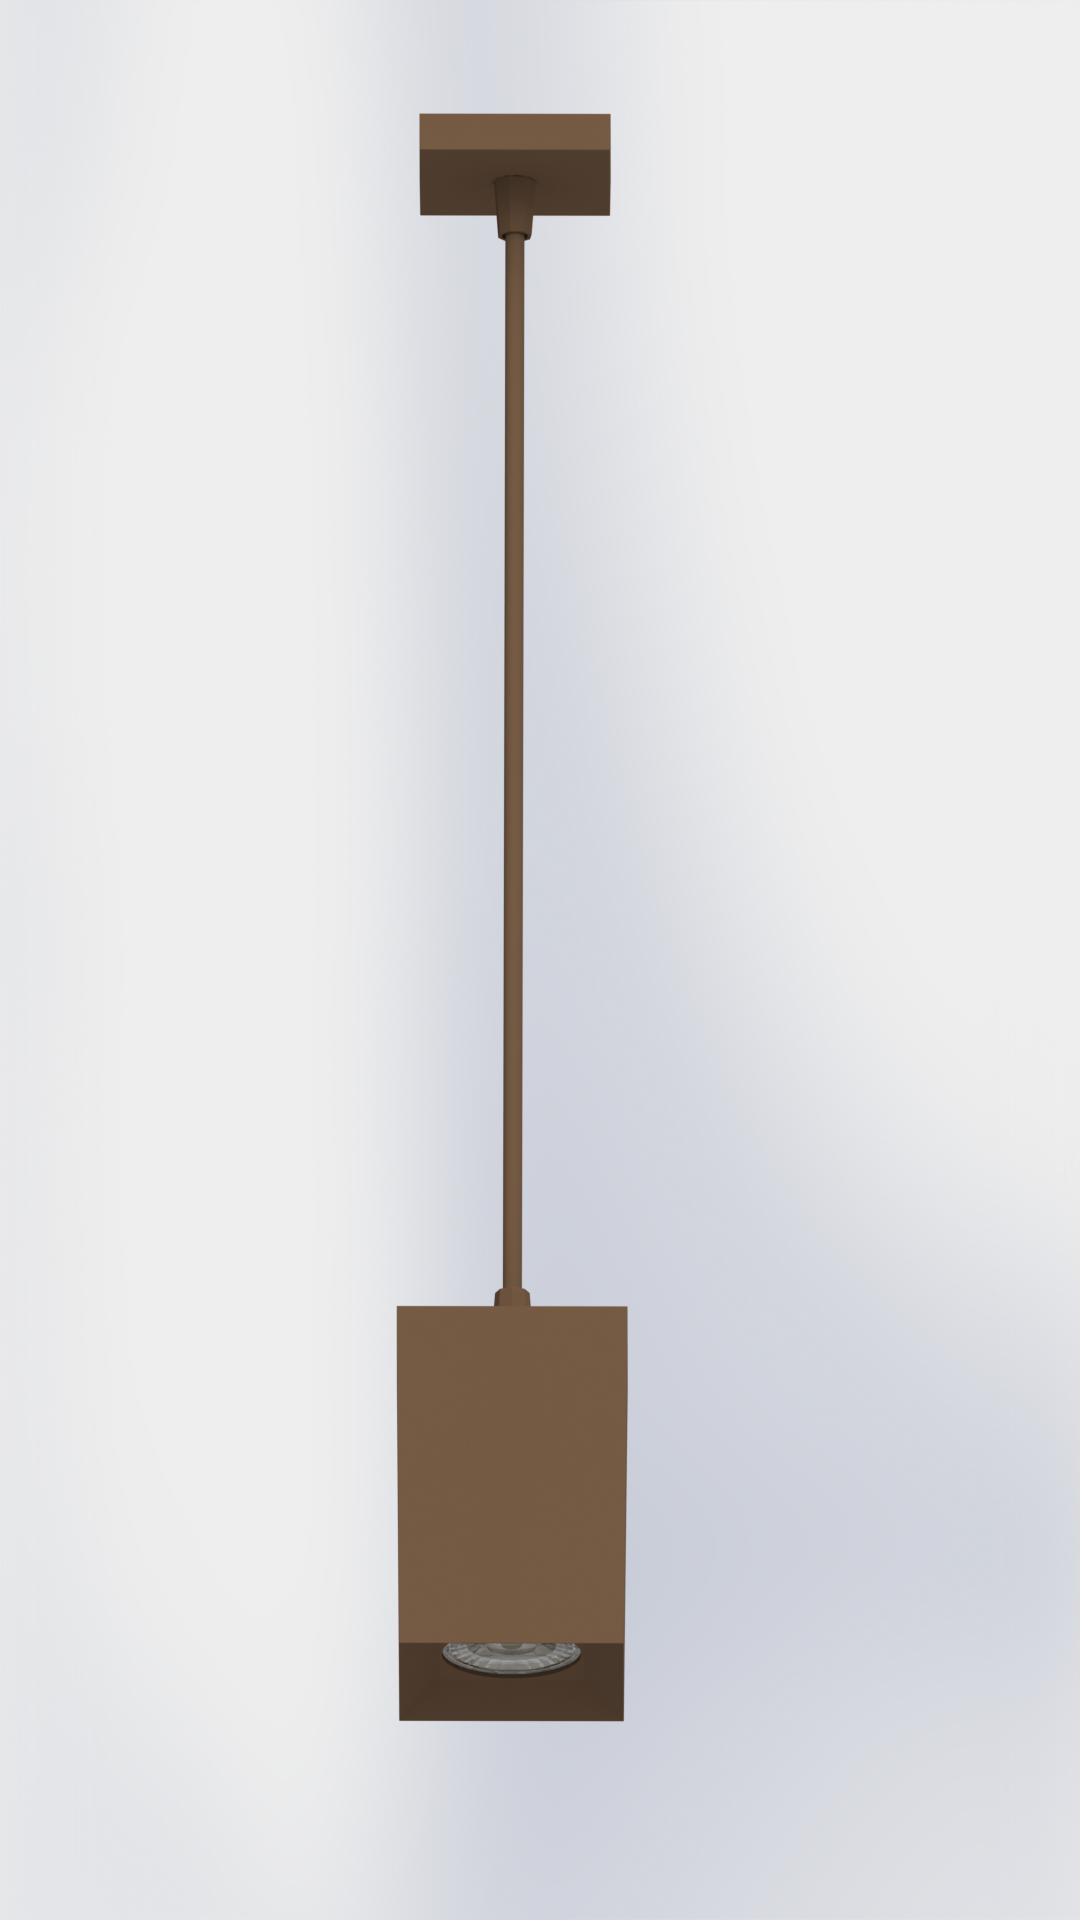 PLAFON TOWER PENDENTE QUADRADO FACE RECUADA